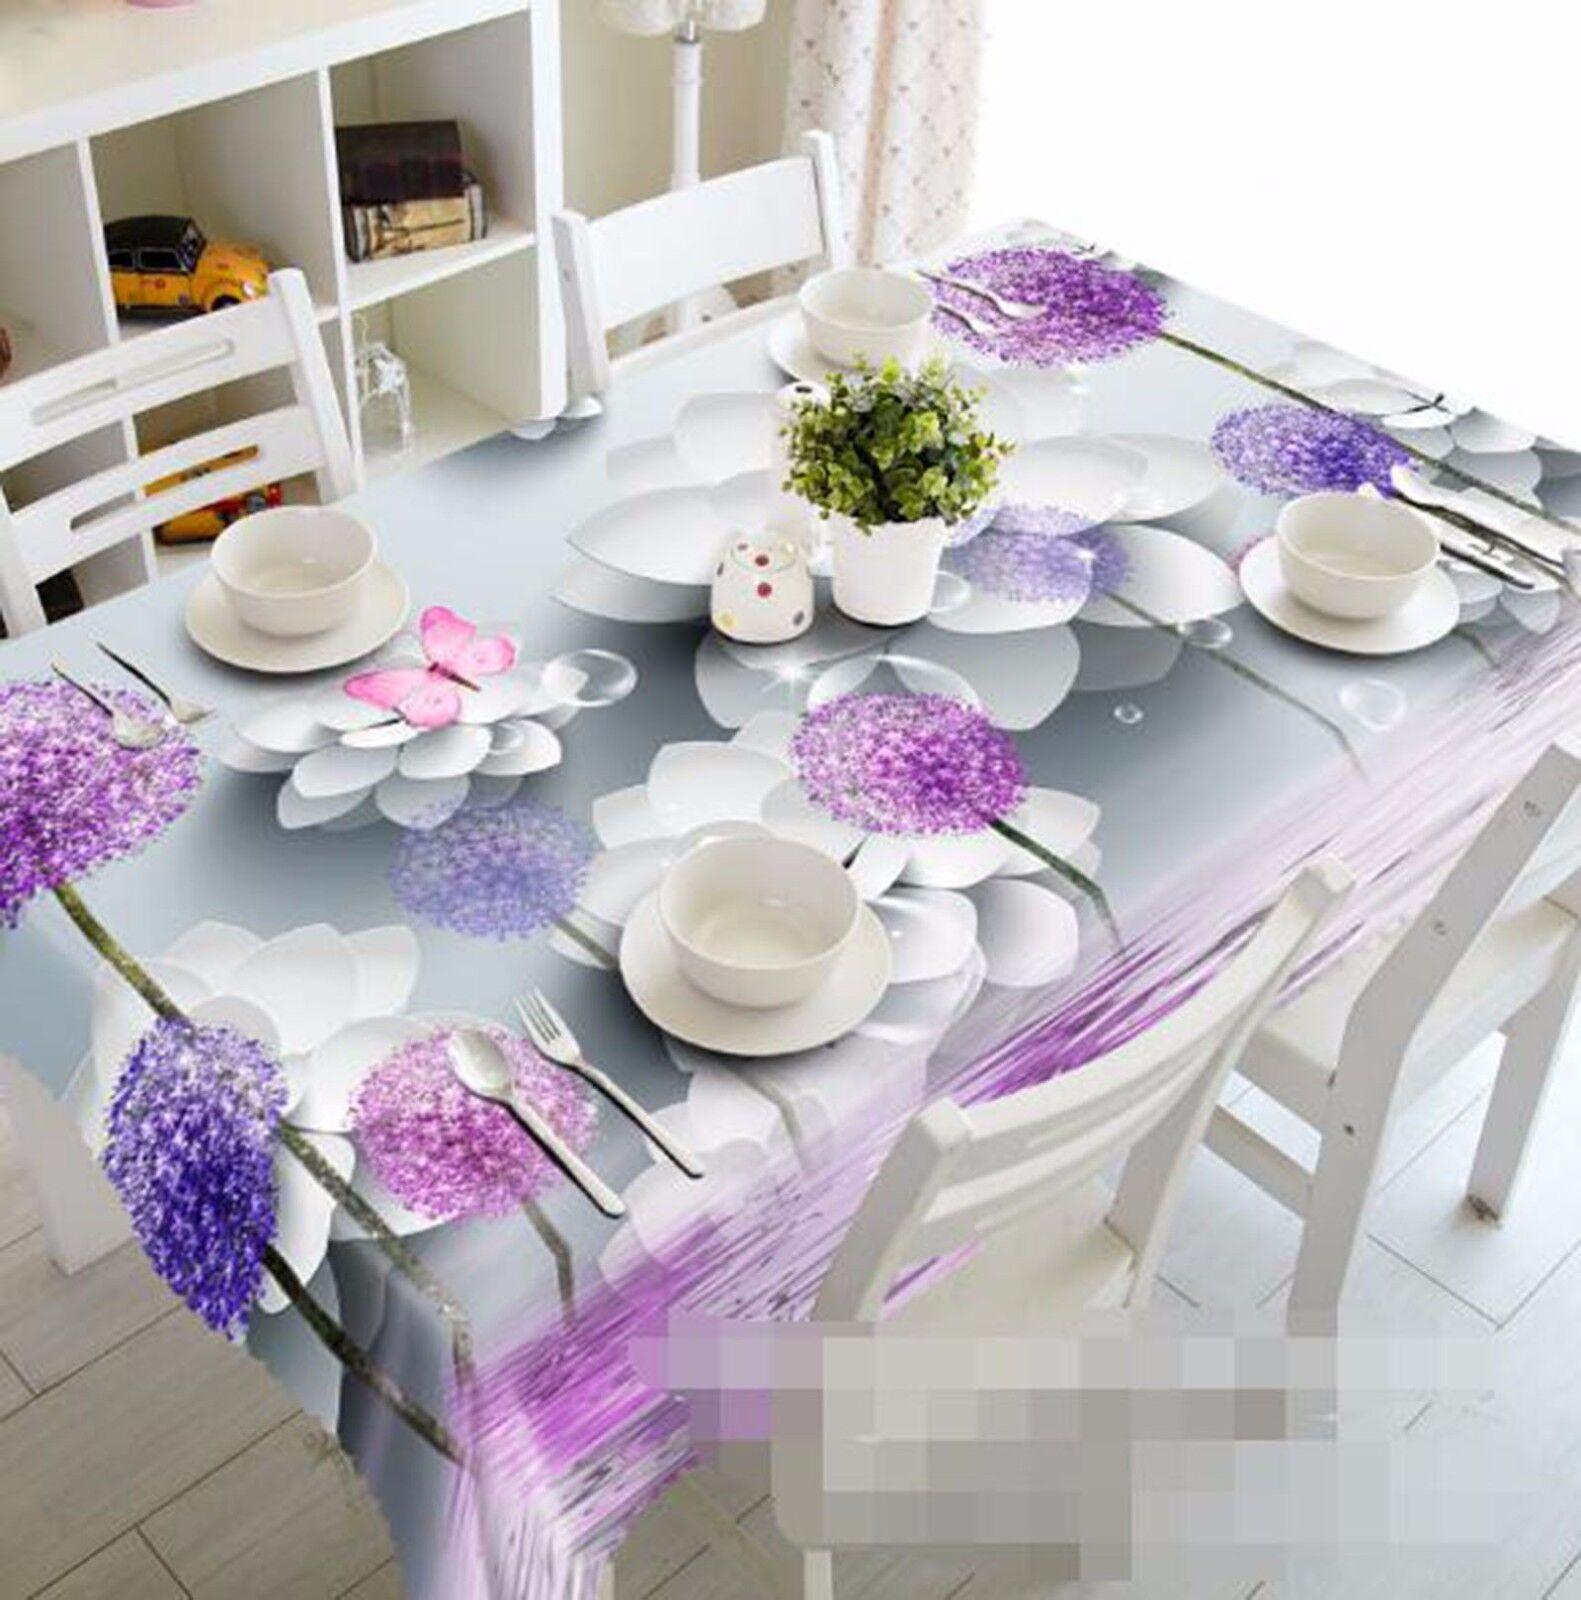 3D pétales 418 Nappe Table Cover Cloth fête d'anniversaire AJ papier peint Royaume-Uni Citron